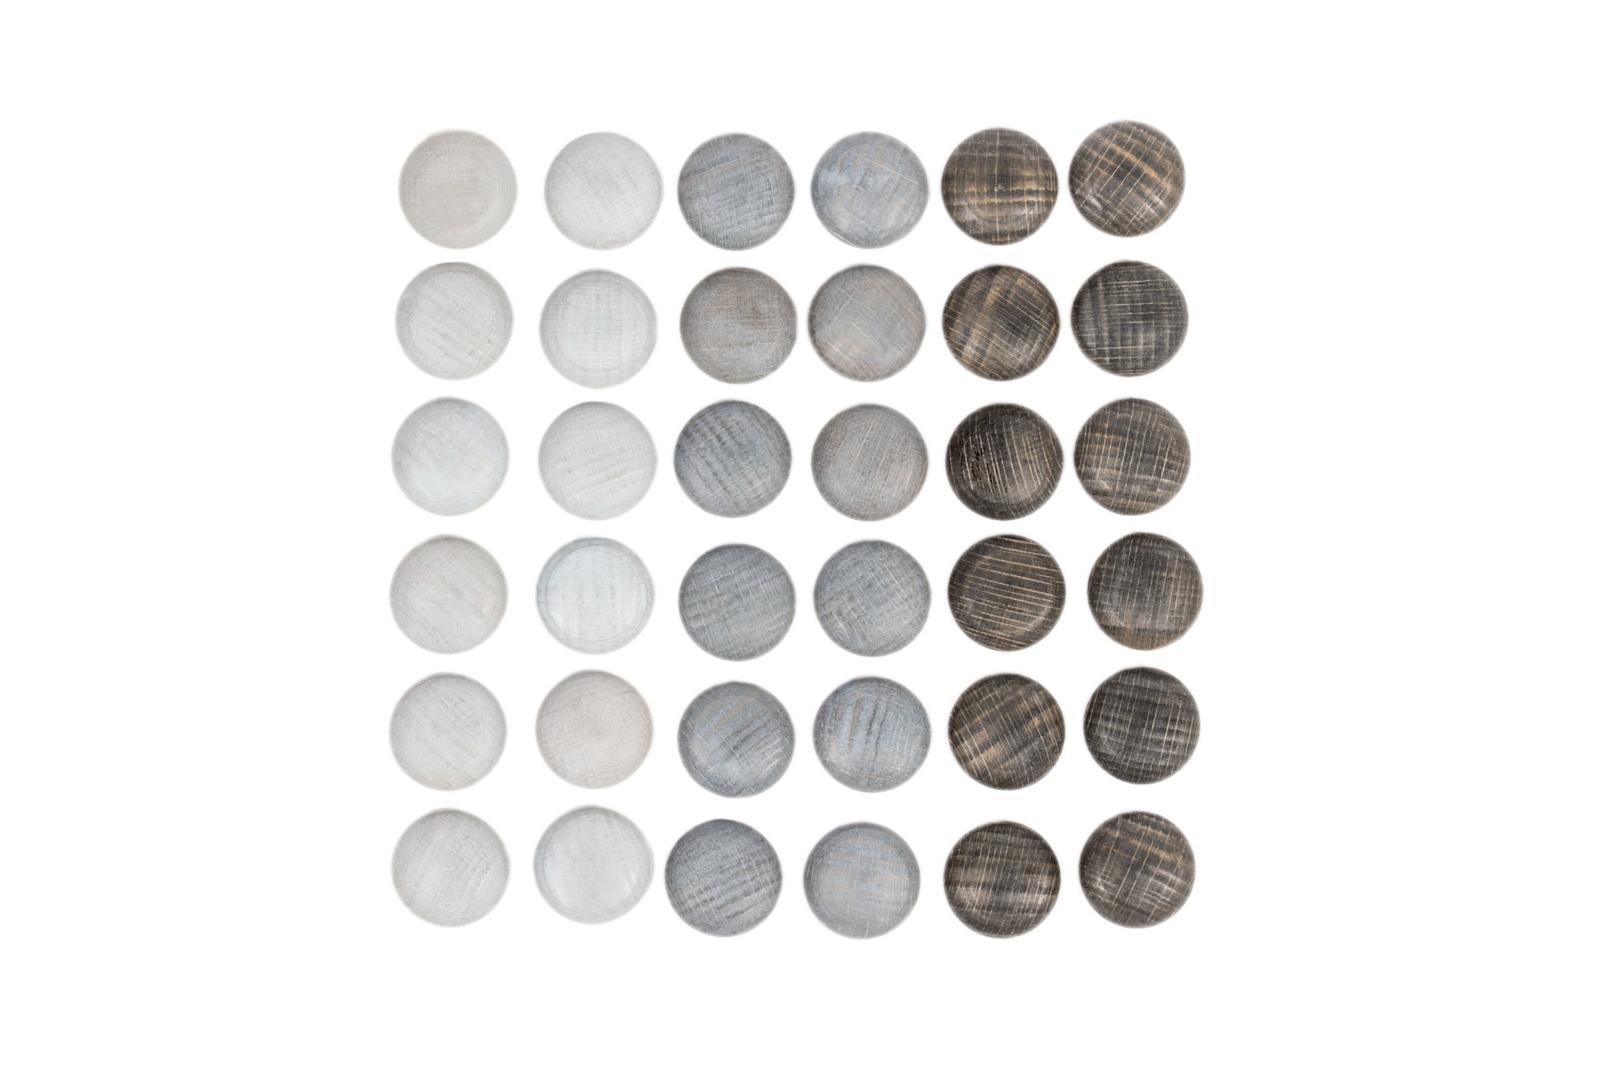 Img Galeria Mandala Piedras (36 piezas)